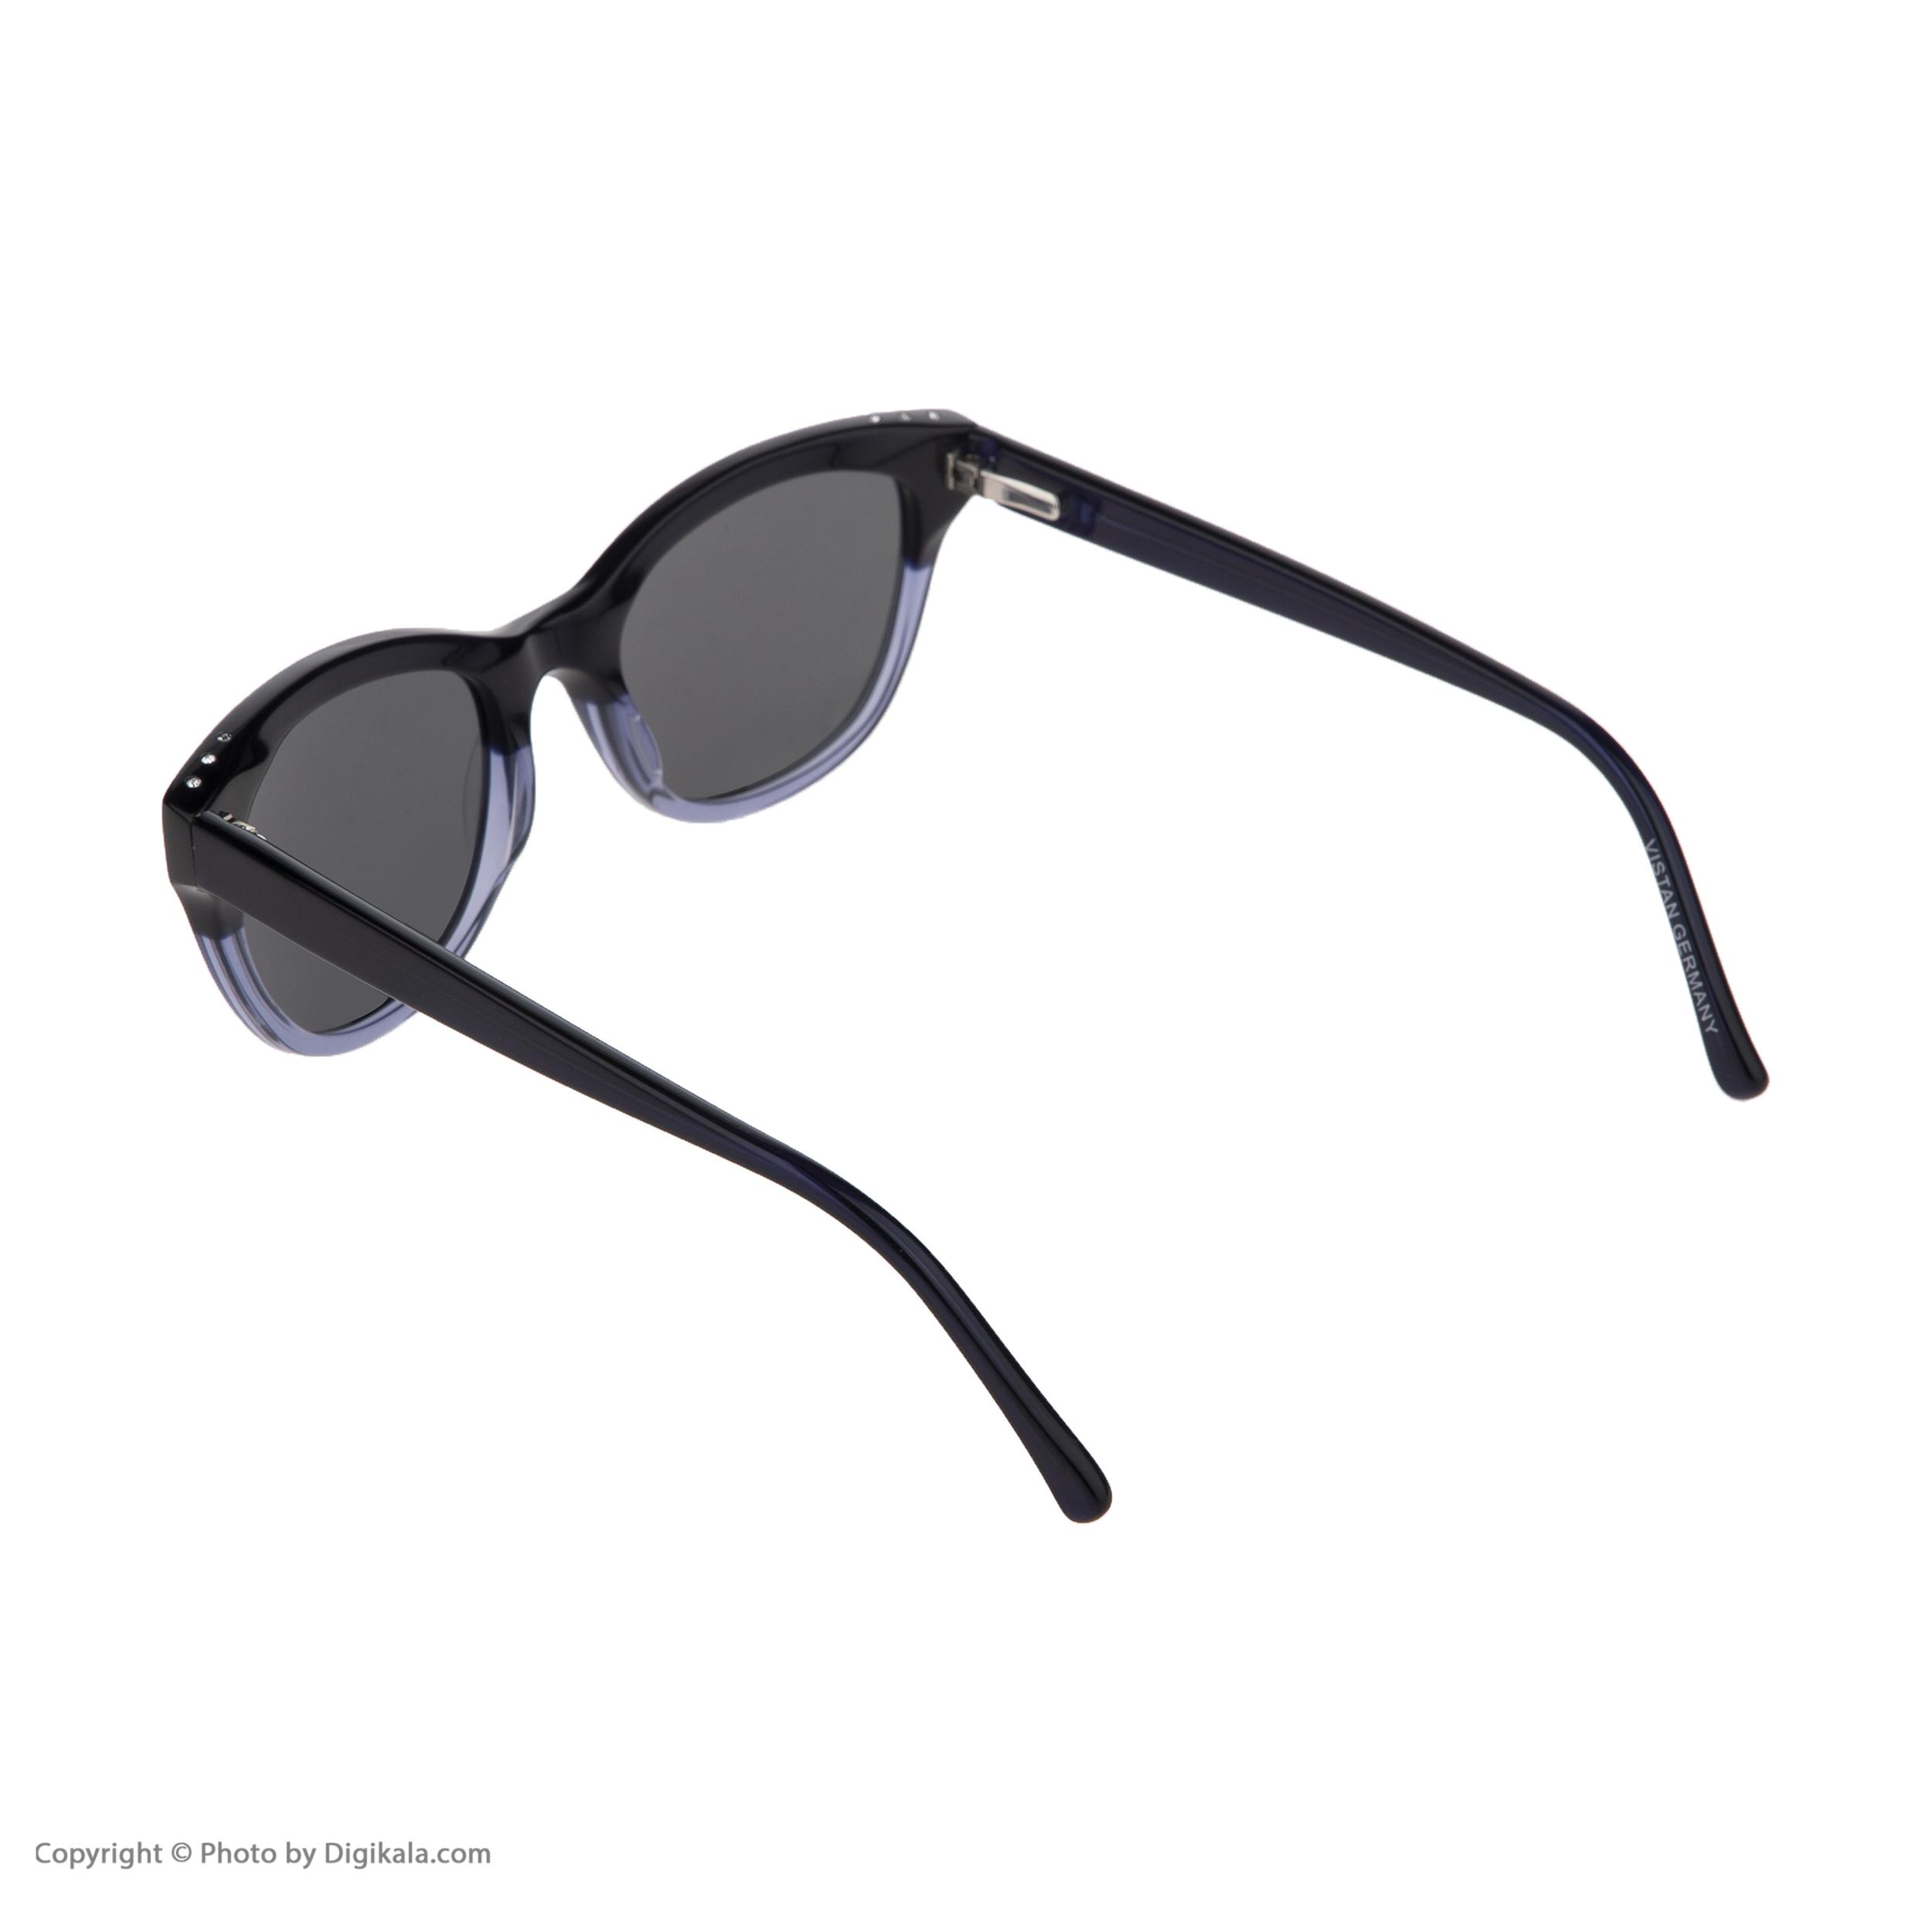 عینک آفتابی زنانه ویستان مدل 7994003 -  - 5